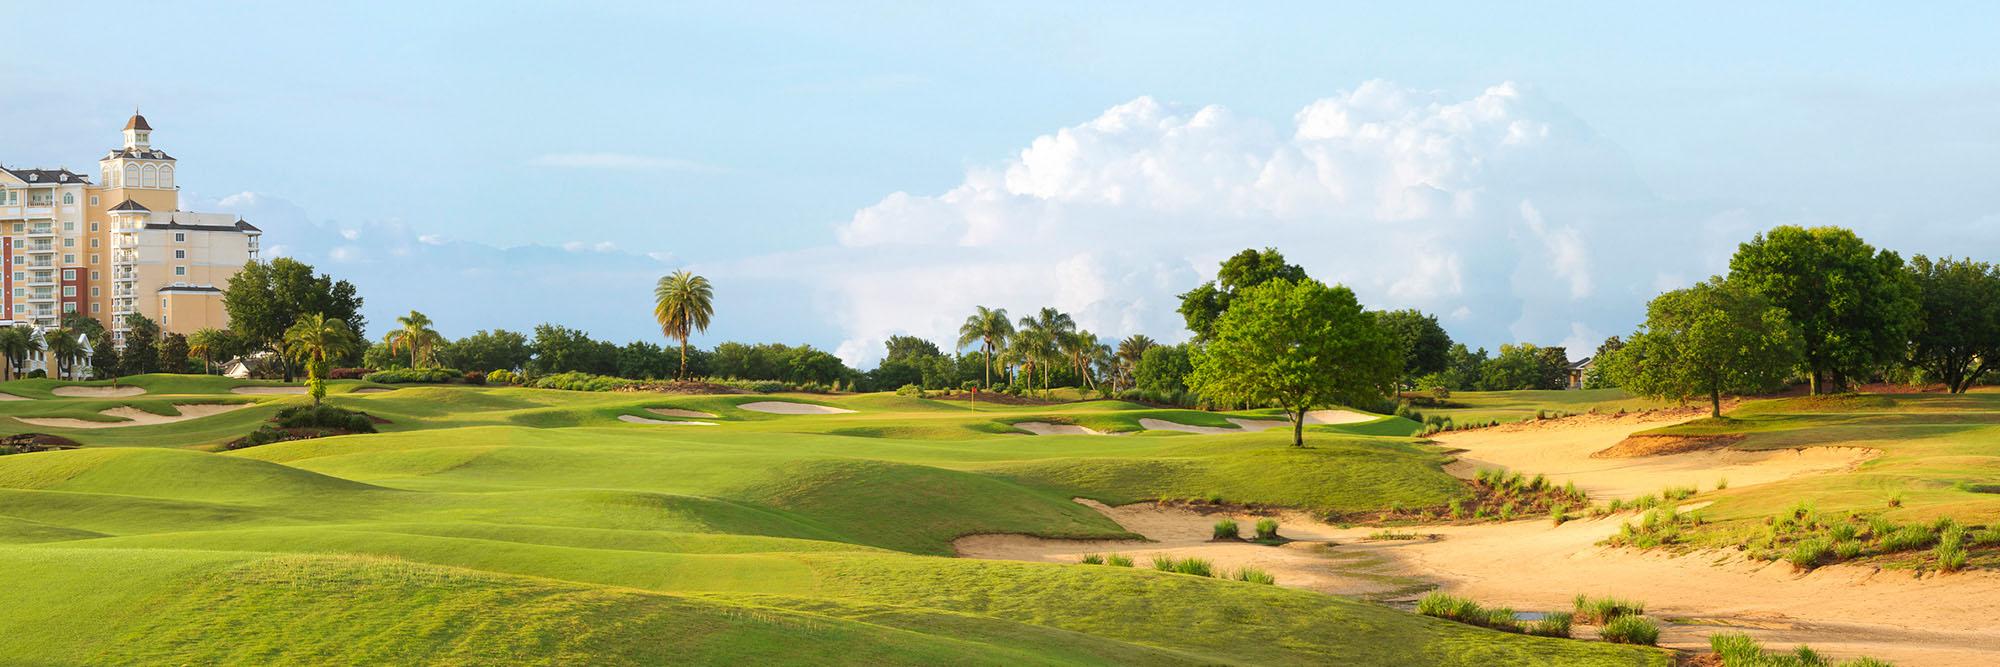 Golf Course Image - Reunion Resort Palmer No. 9